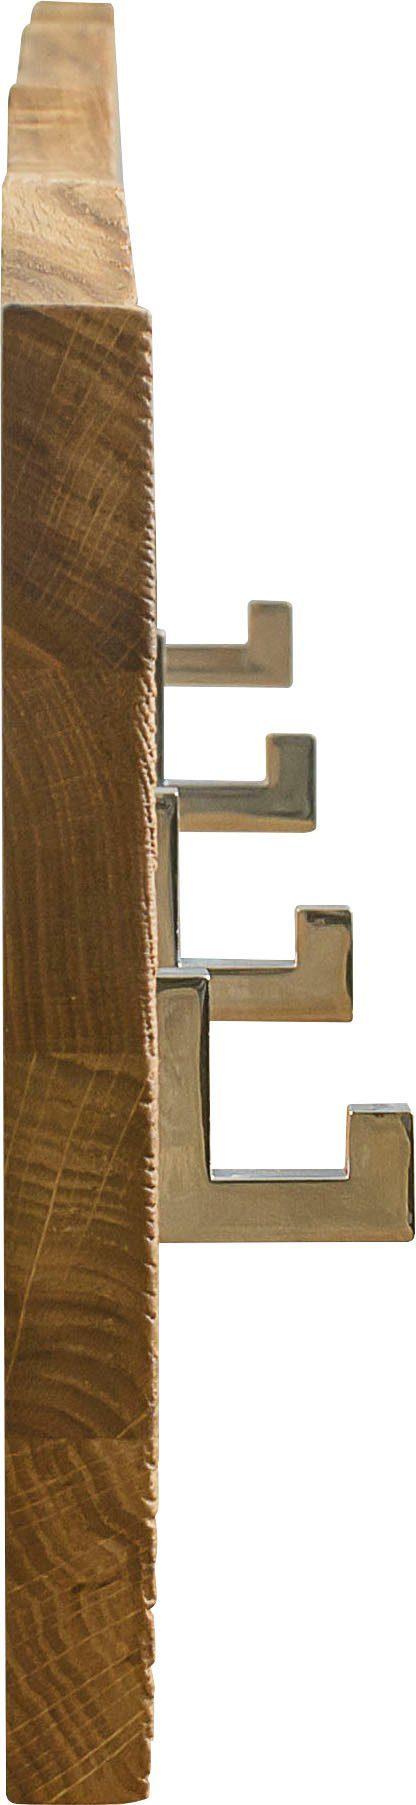 Minimalistyczny wieszak z drewna dębowego, skandynawski